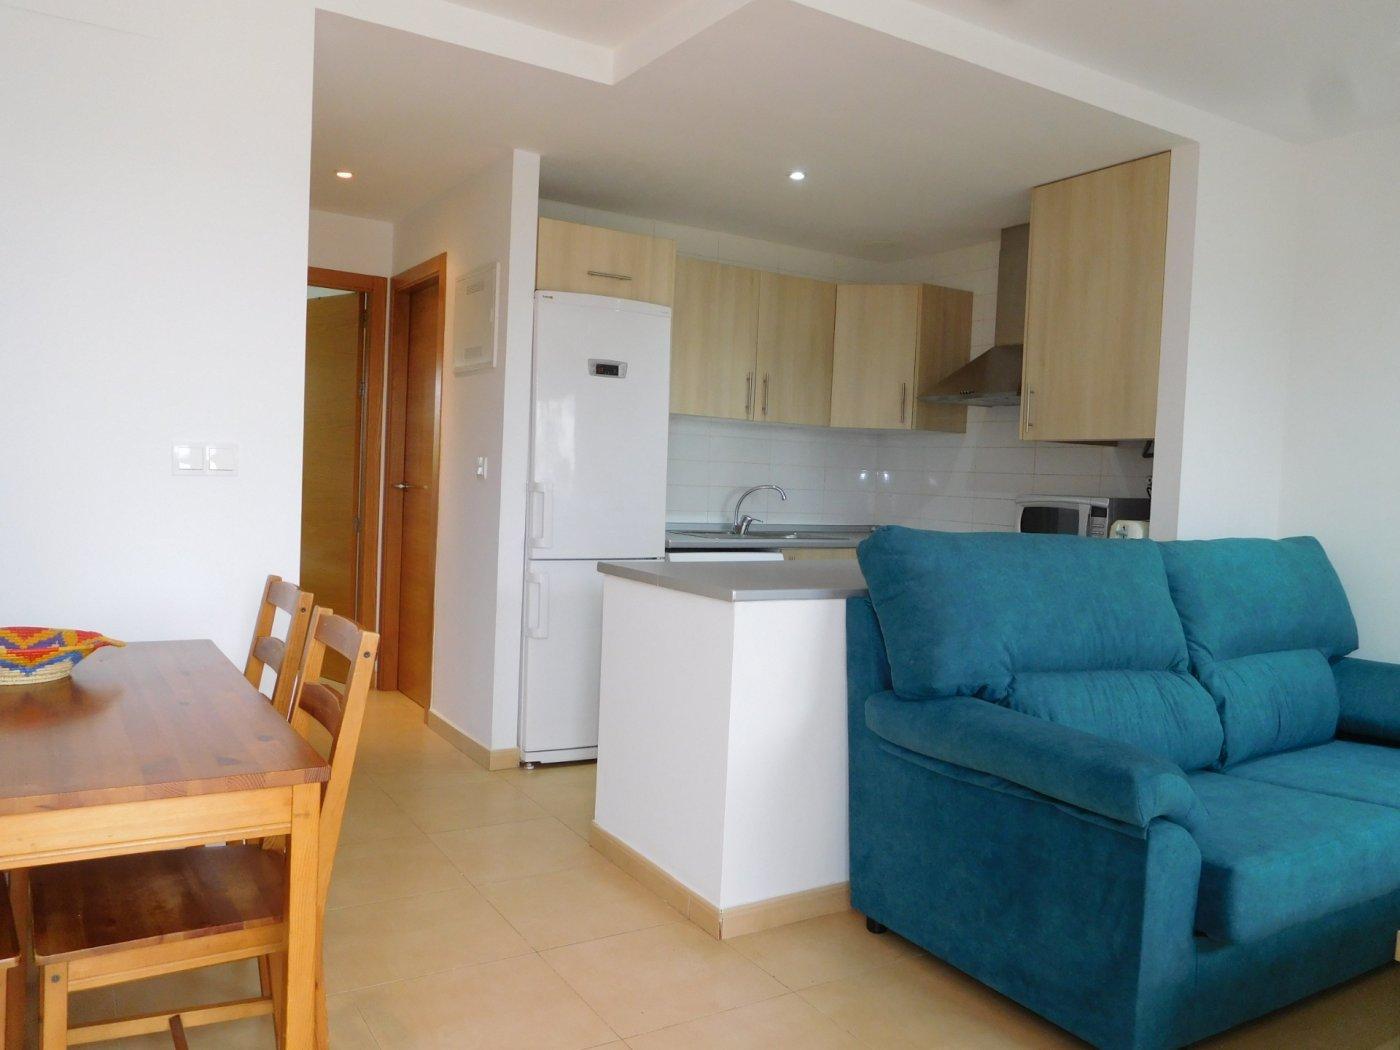 Image 1 Apartment ref 3265-2371 for rent in Condado De Alhama Spain - Quality Homes Costa Cálida